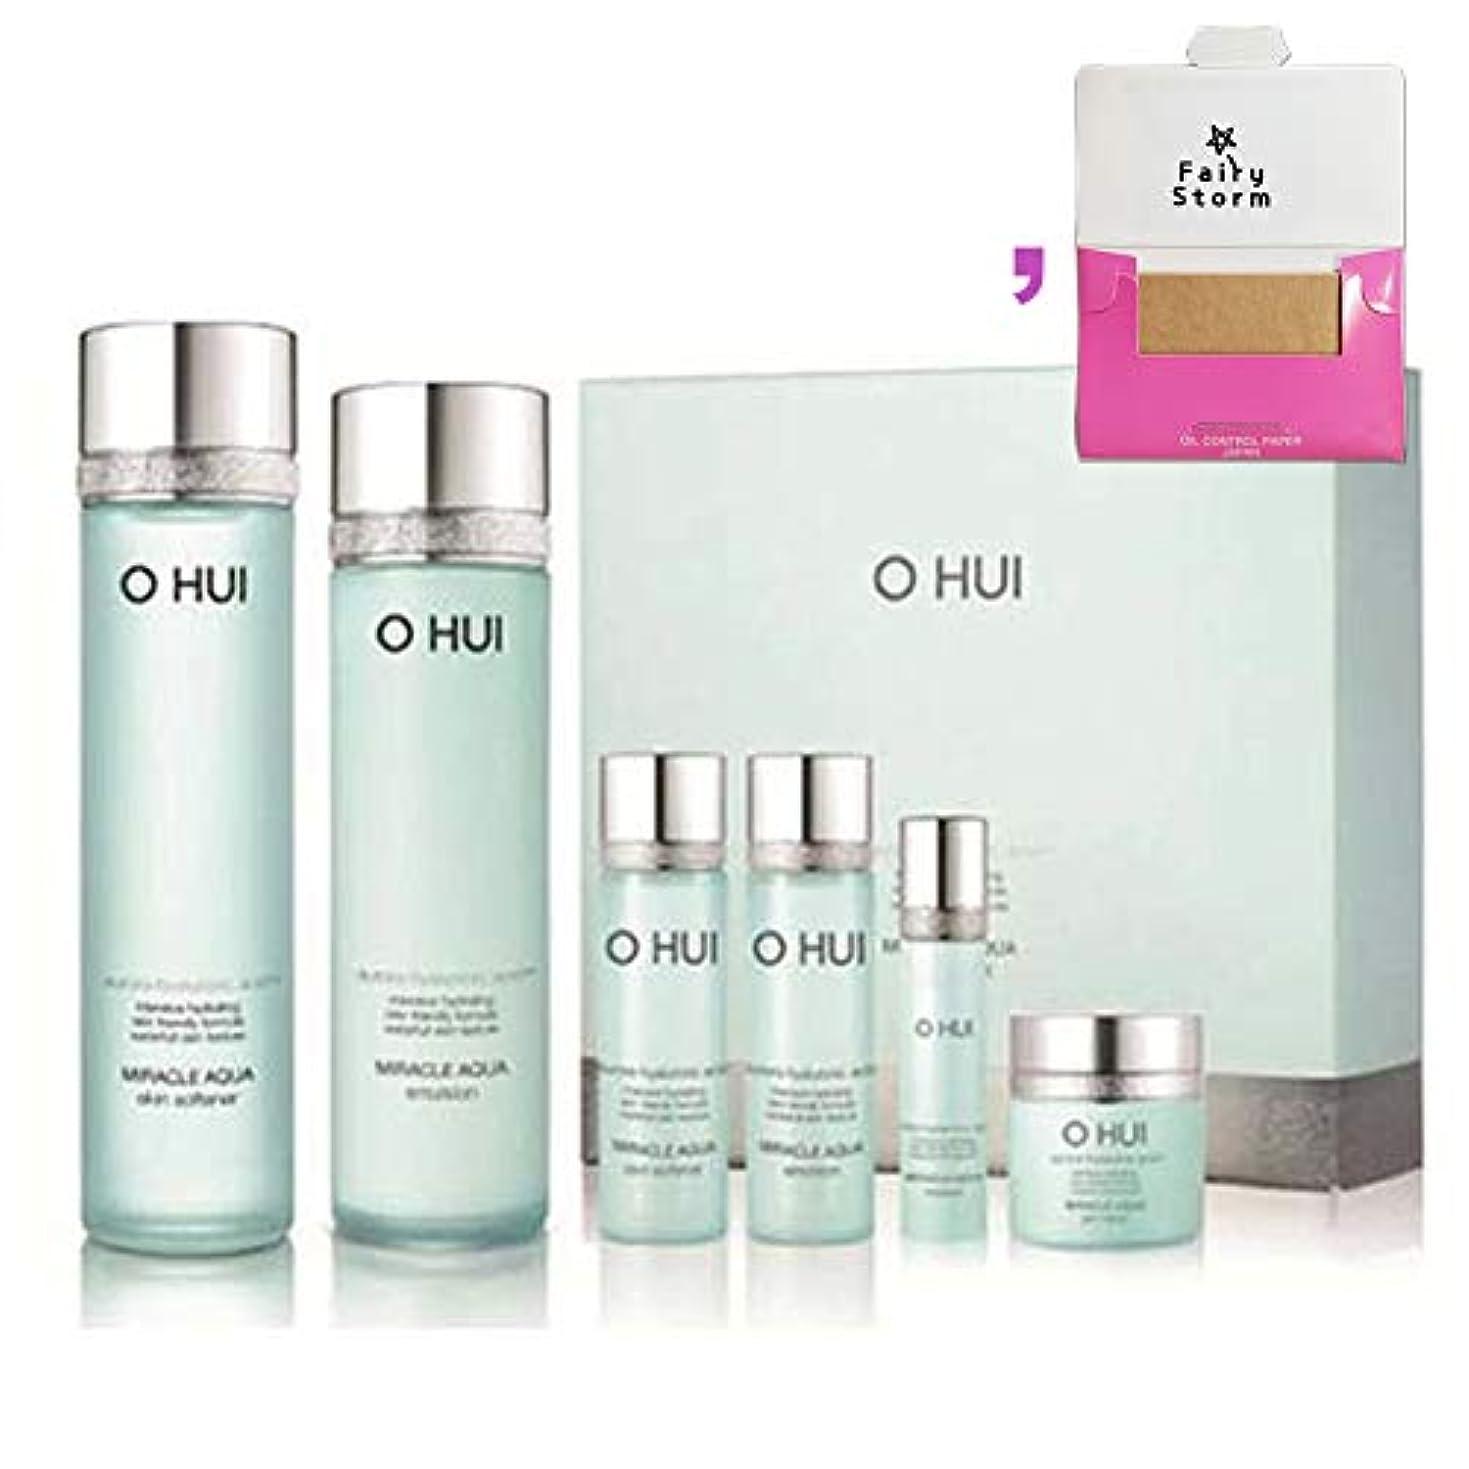 自分カレッジ従事する[オフィ/O HUI]韓国化粧品LG生活健康/O HUI MIRACLE AQUA SPECIAL 2EA SET/ミラクルアクア 2種セット+[Sample Gift](海外直送品)